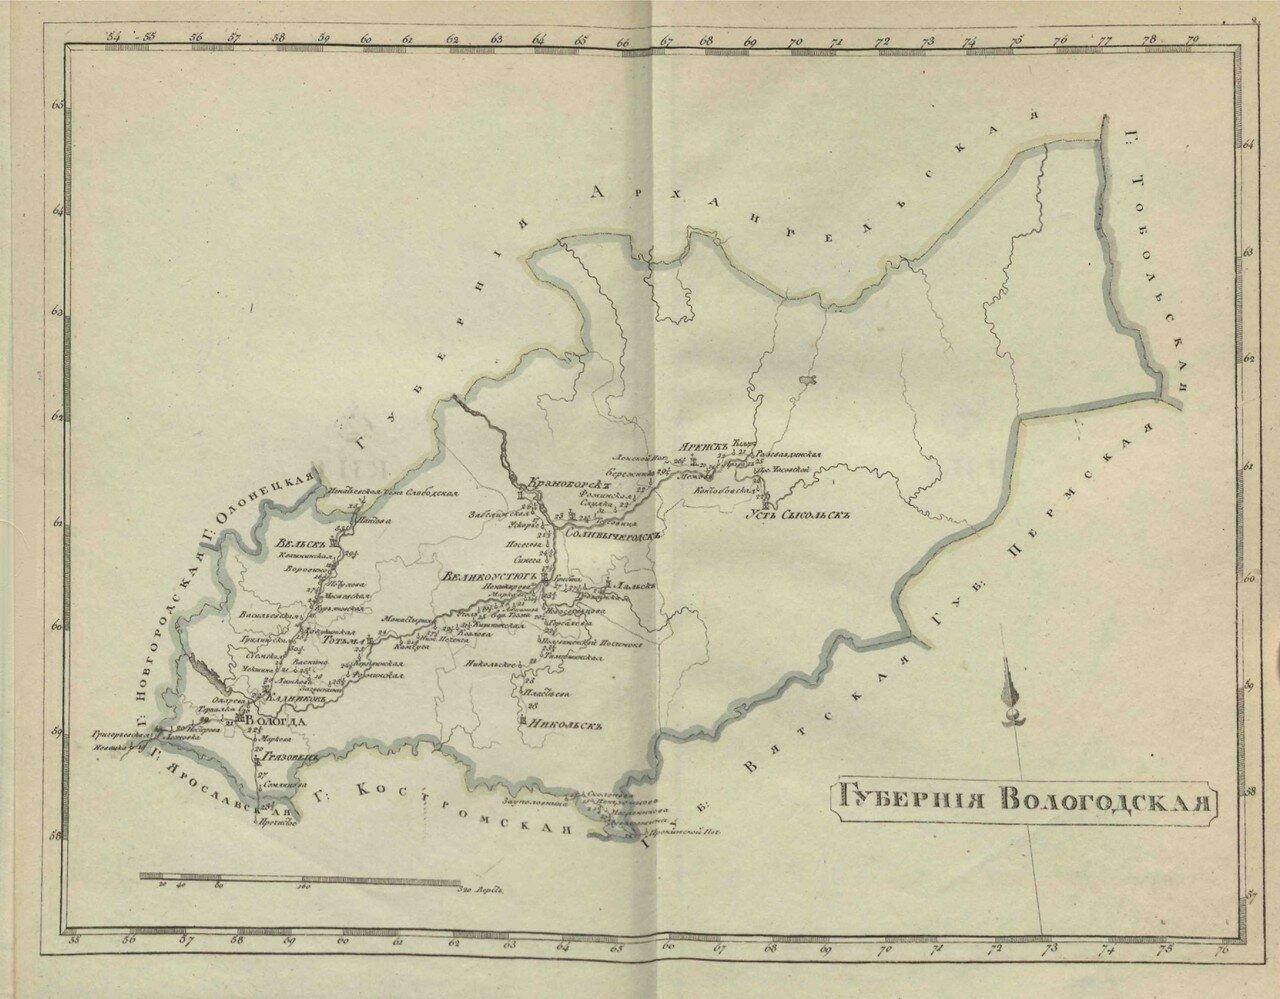 03. Вологодская губерния